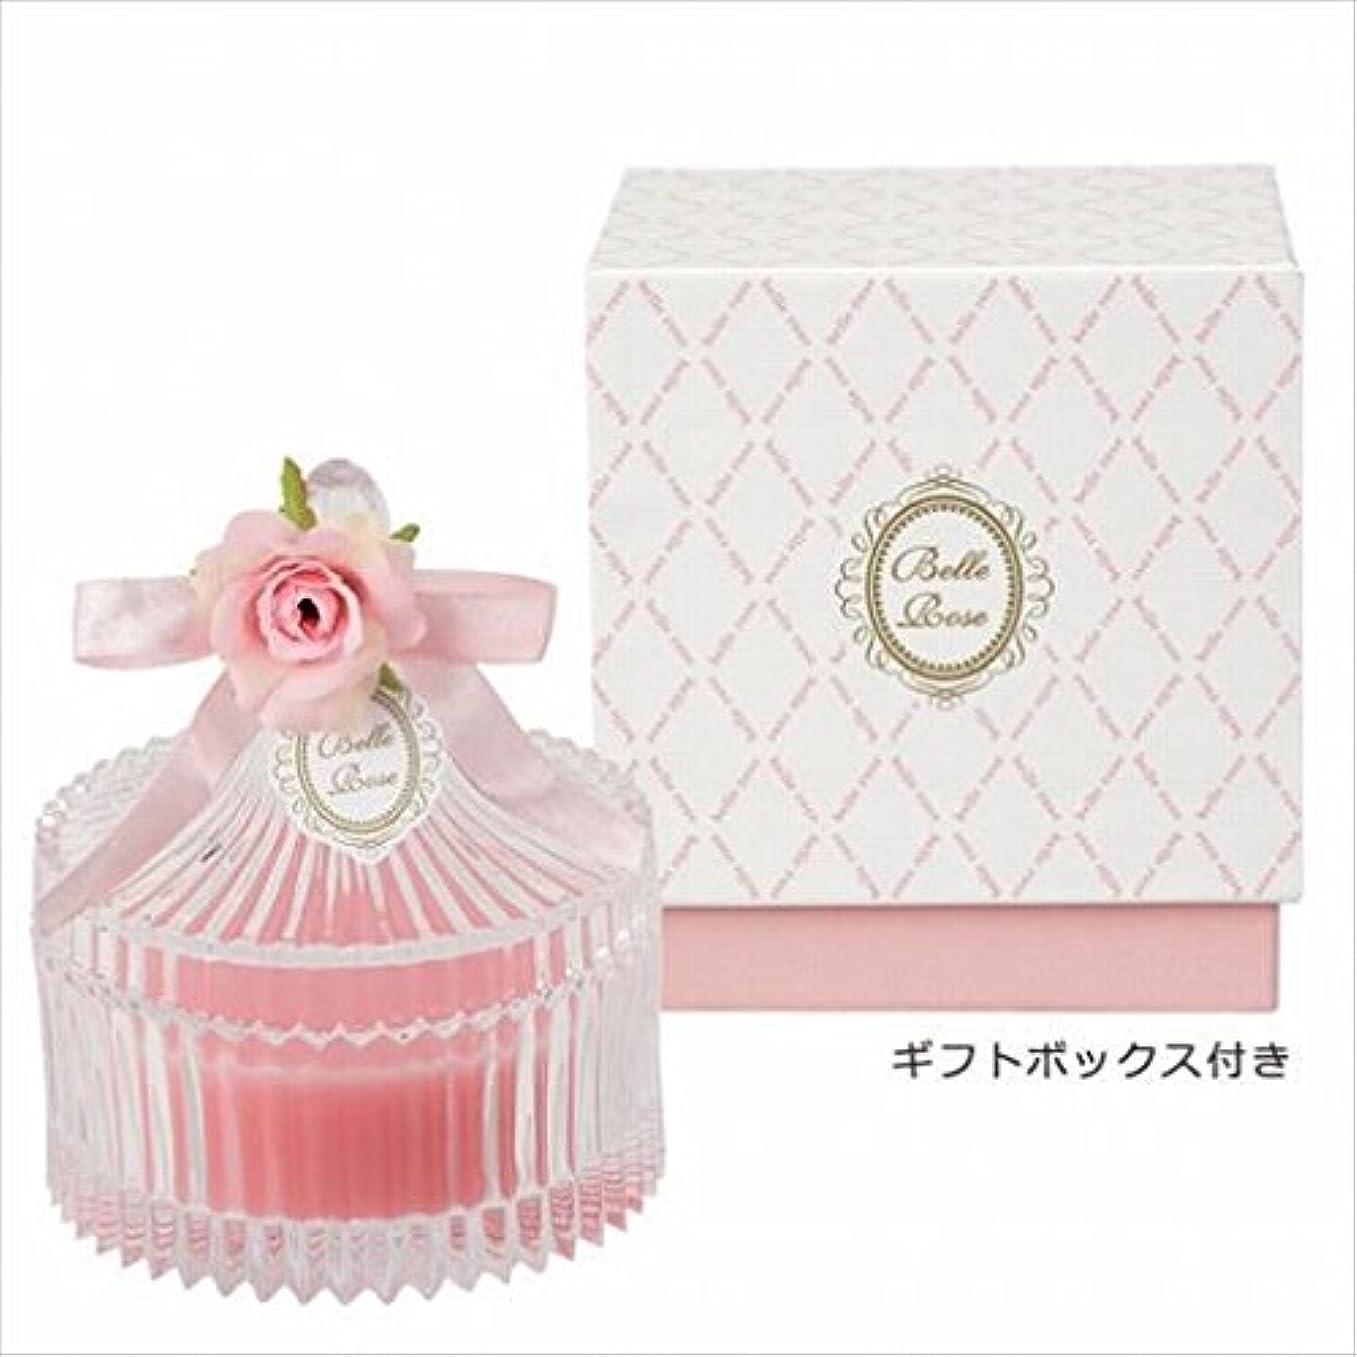 縮約一時解雇する準備するカメヤマキャンドル( kameyama candle ) ベルローズキャニスター 「 ピンク 」 キャンドル